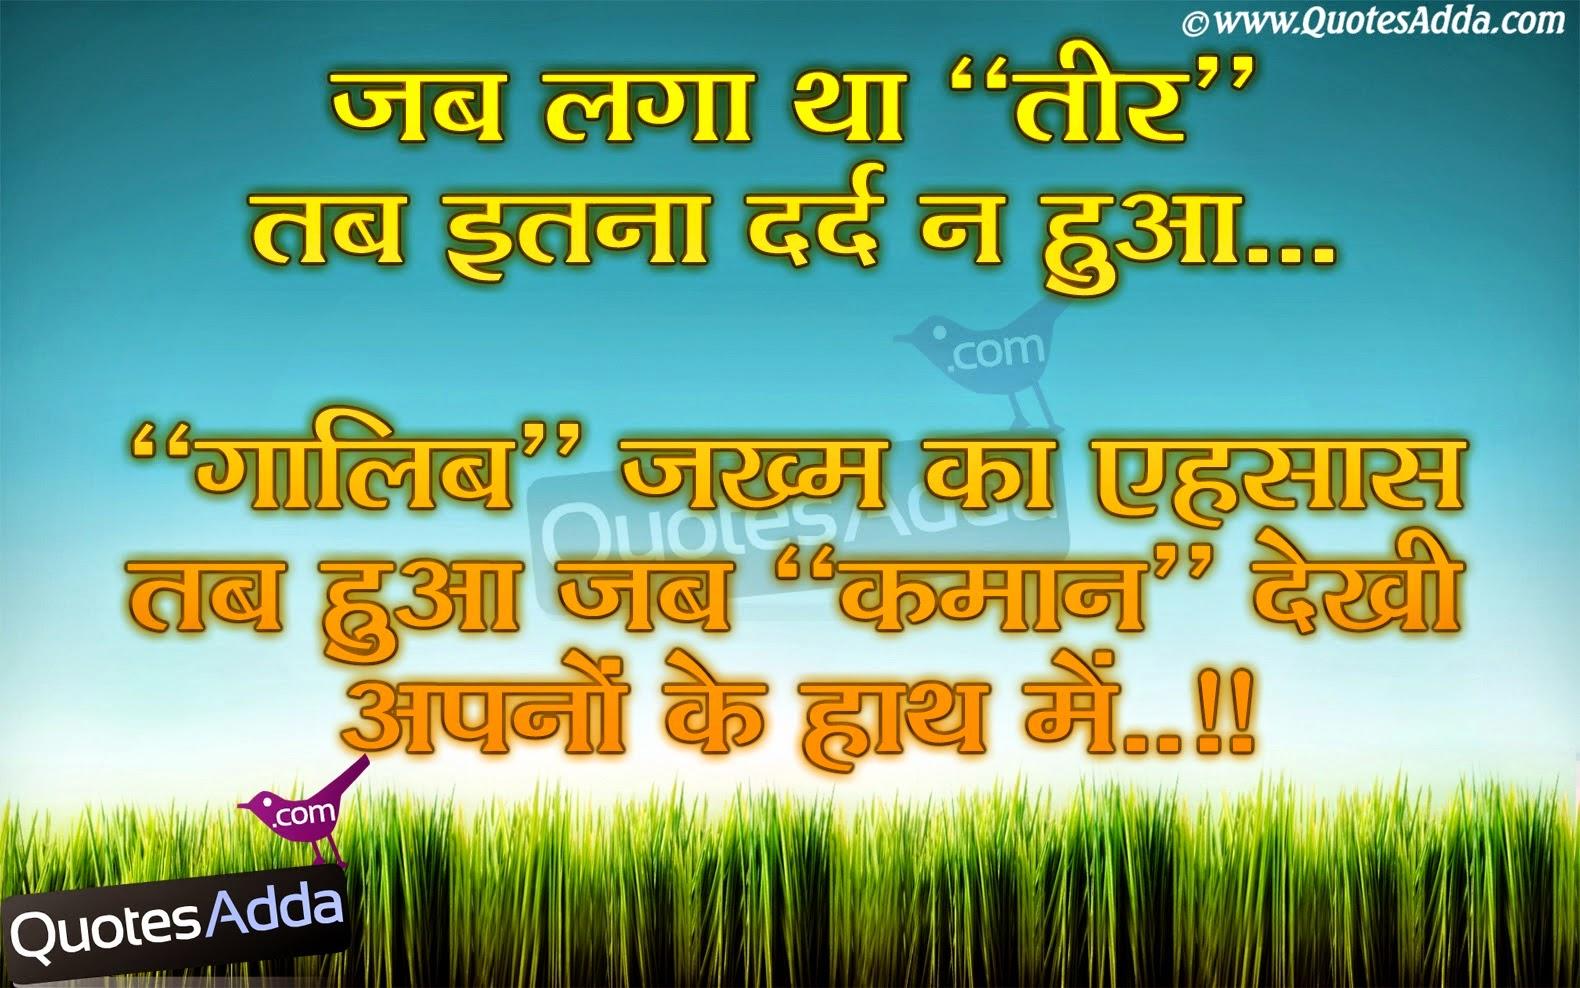 Friendship Hindi Shayari Hindi Shayari Dosti In English ...